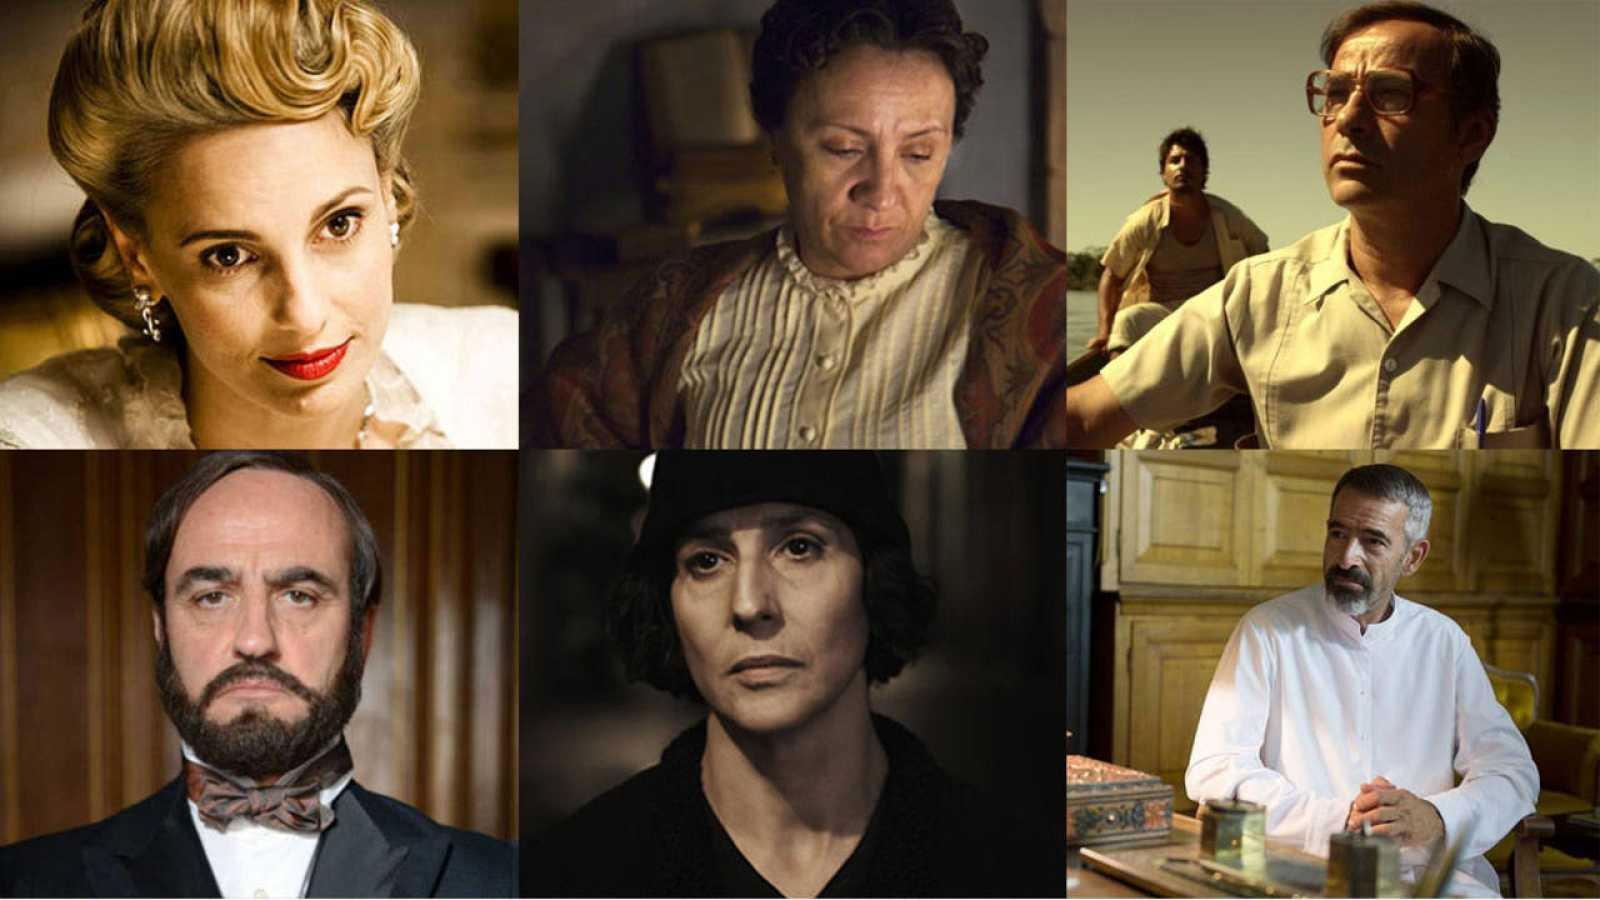 Alta Infidelidad Pelicula Completa seis personajes que encontraron su 'tv movie' en tve - rtve.es